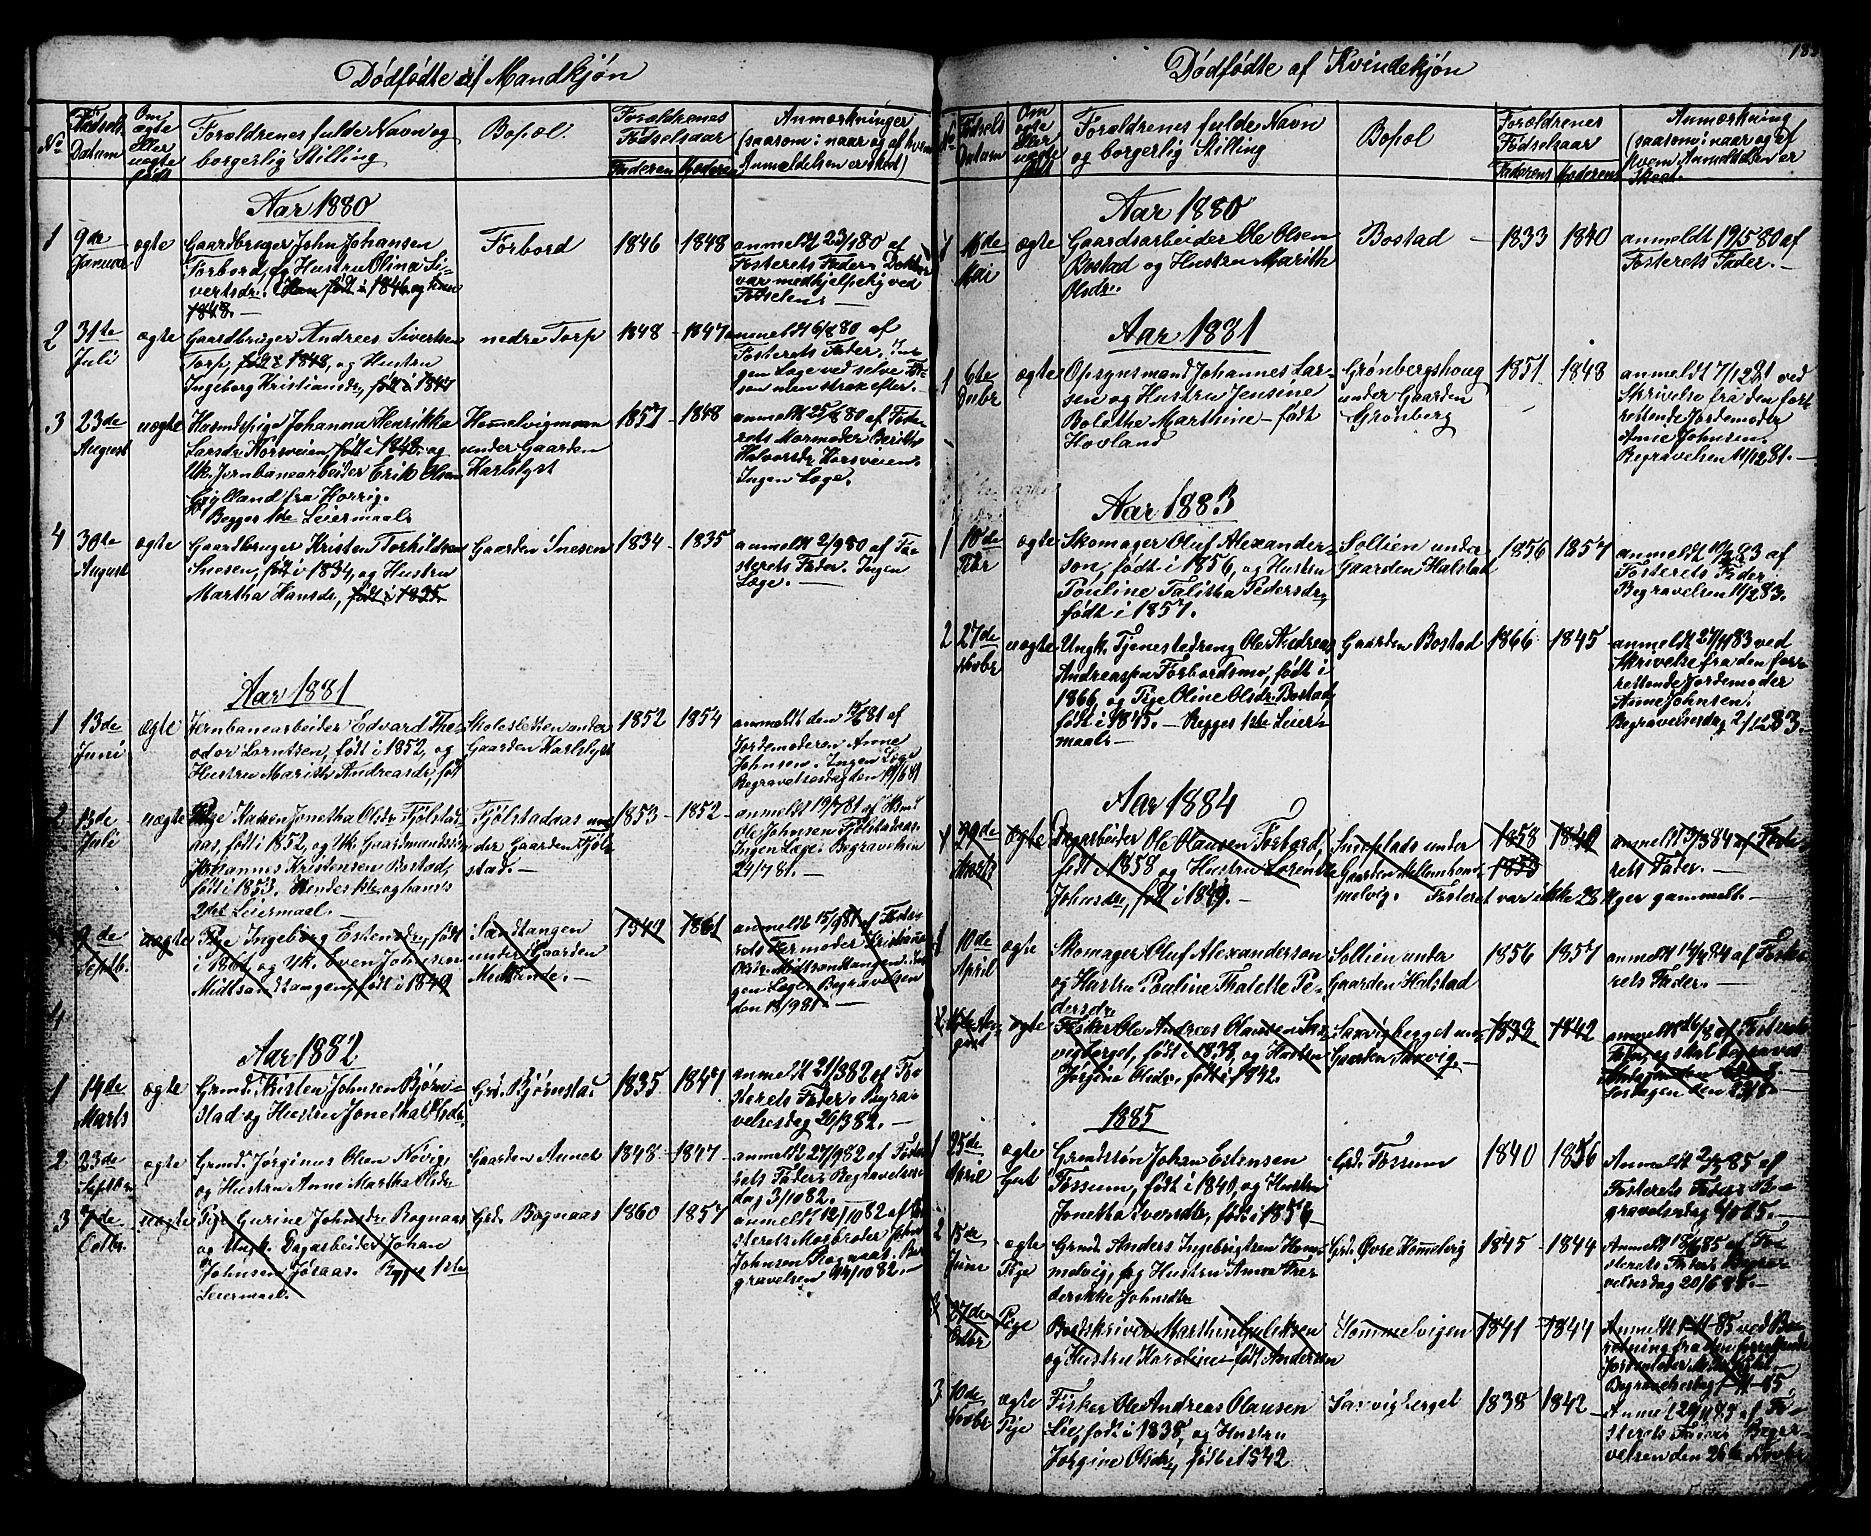 SAT, Ministerialprotokoller, klokkerbøker og fødselsregistre - Sør-Trøndelag, 616/L0422: Klokkerbok nr. 616C05, 1850-1888, s. 183